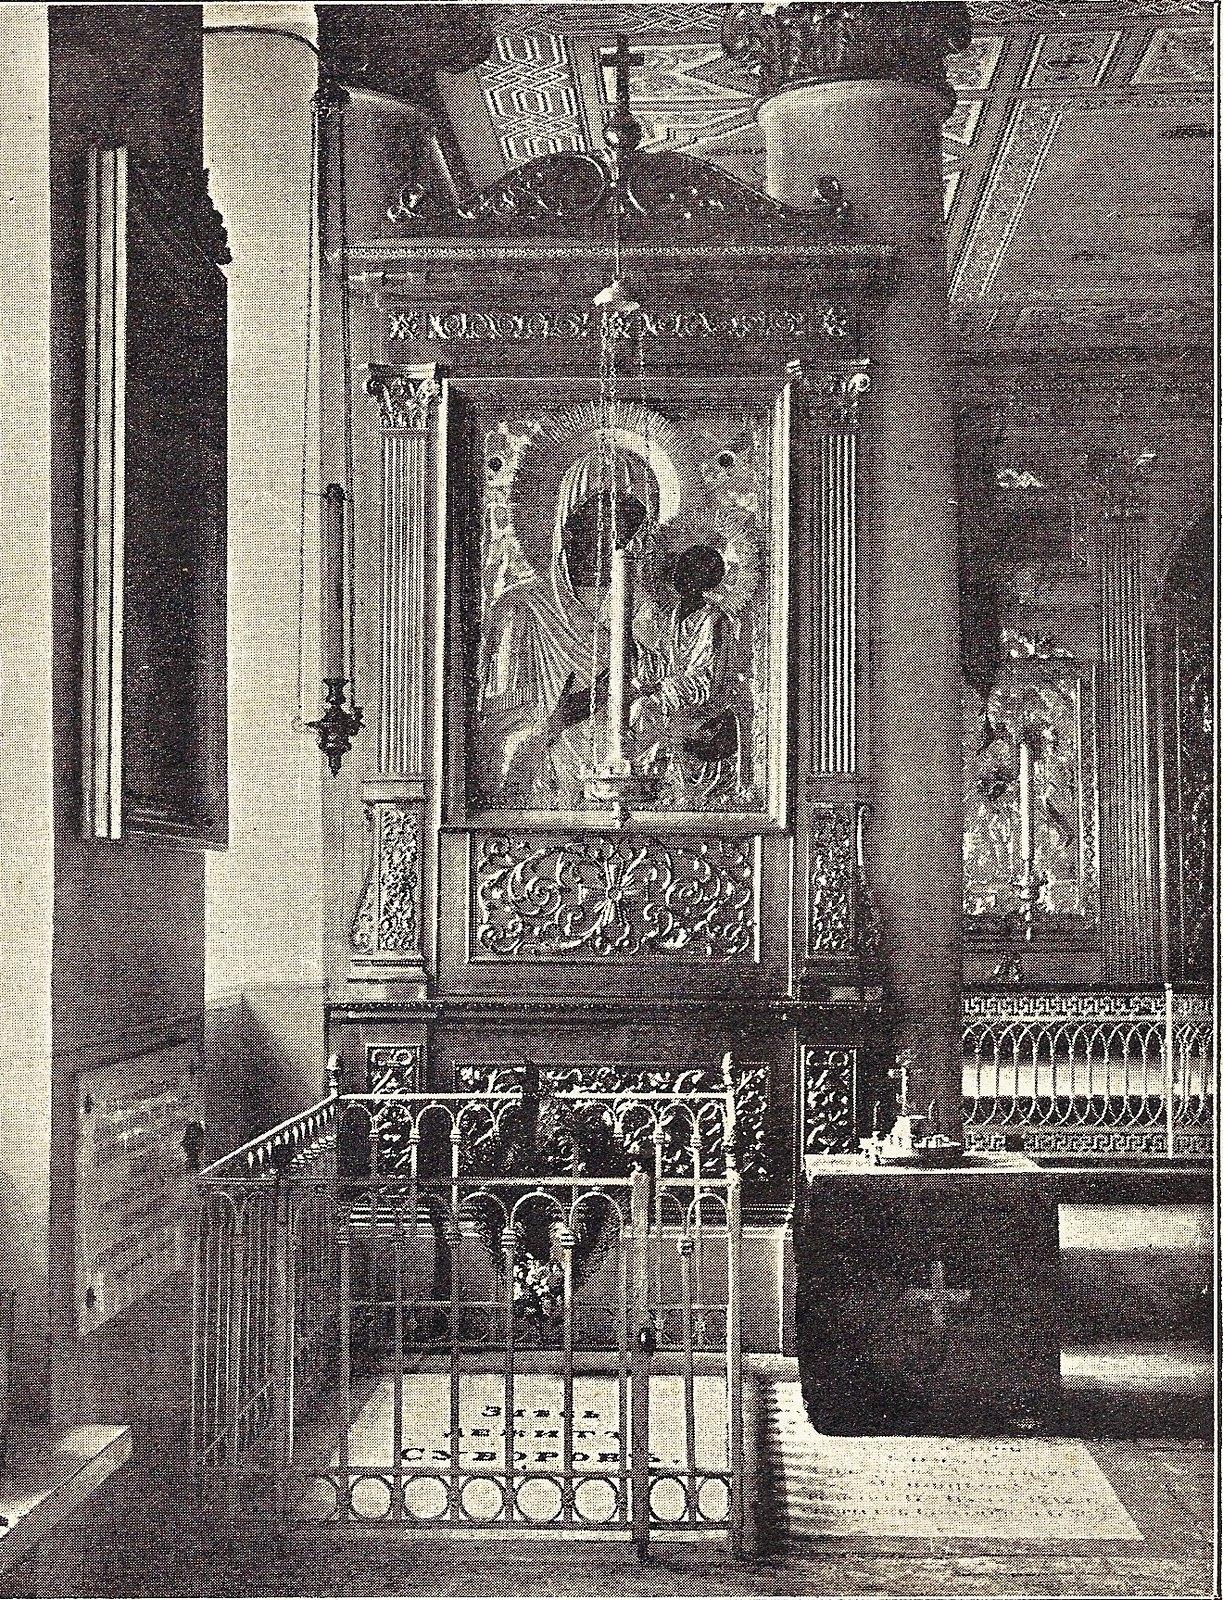 1900. Могила Суворова в Александро-Невской лавре